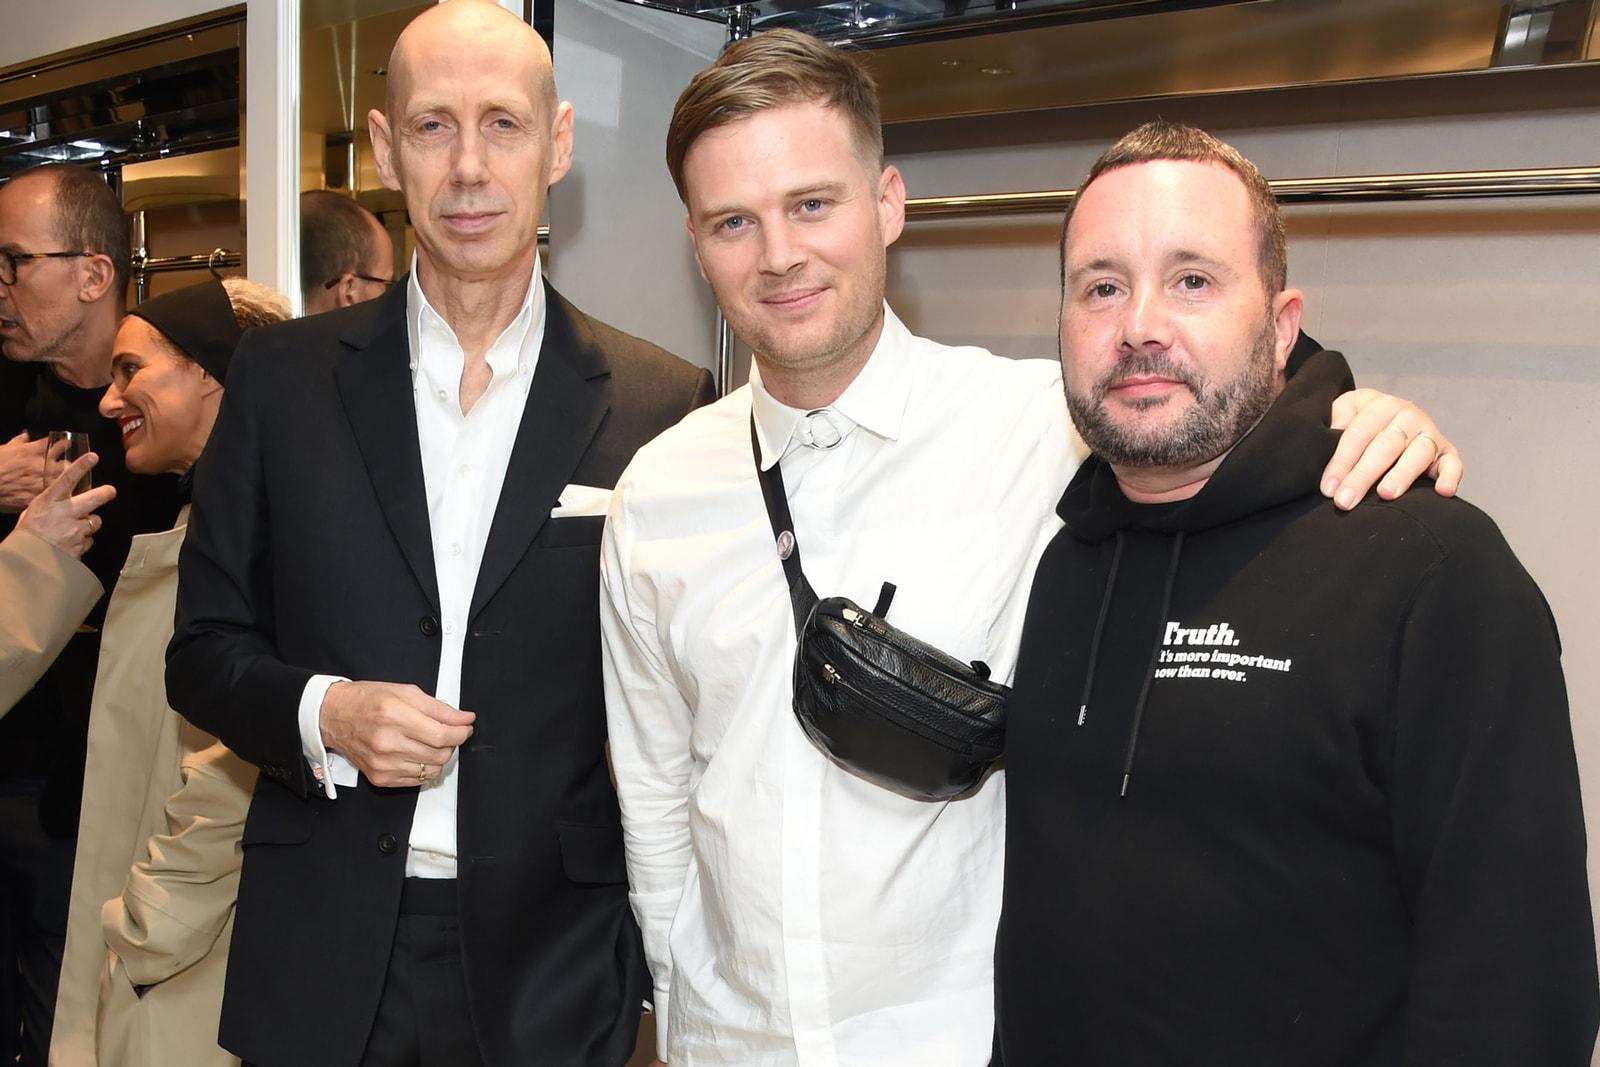 又一 DONDA 成员入主奢侈时装屋,Matthew M Williams 出任 Givenchy 创意总监